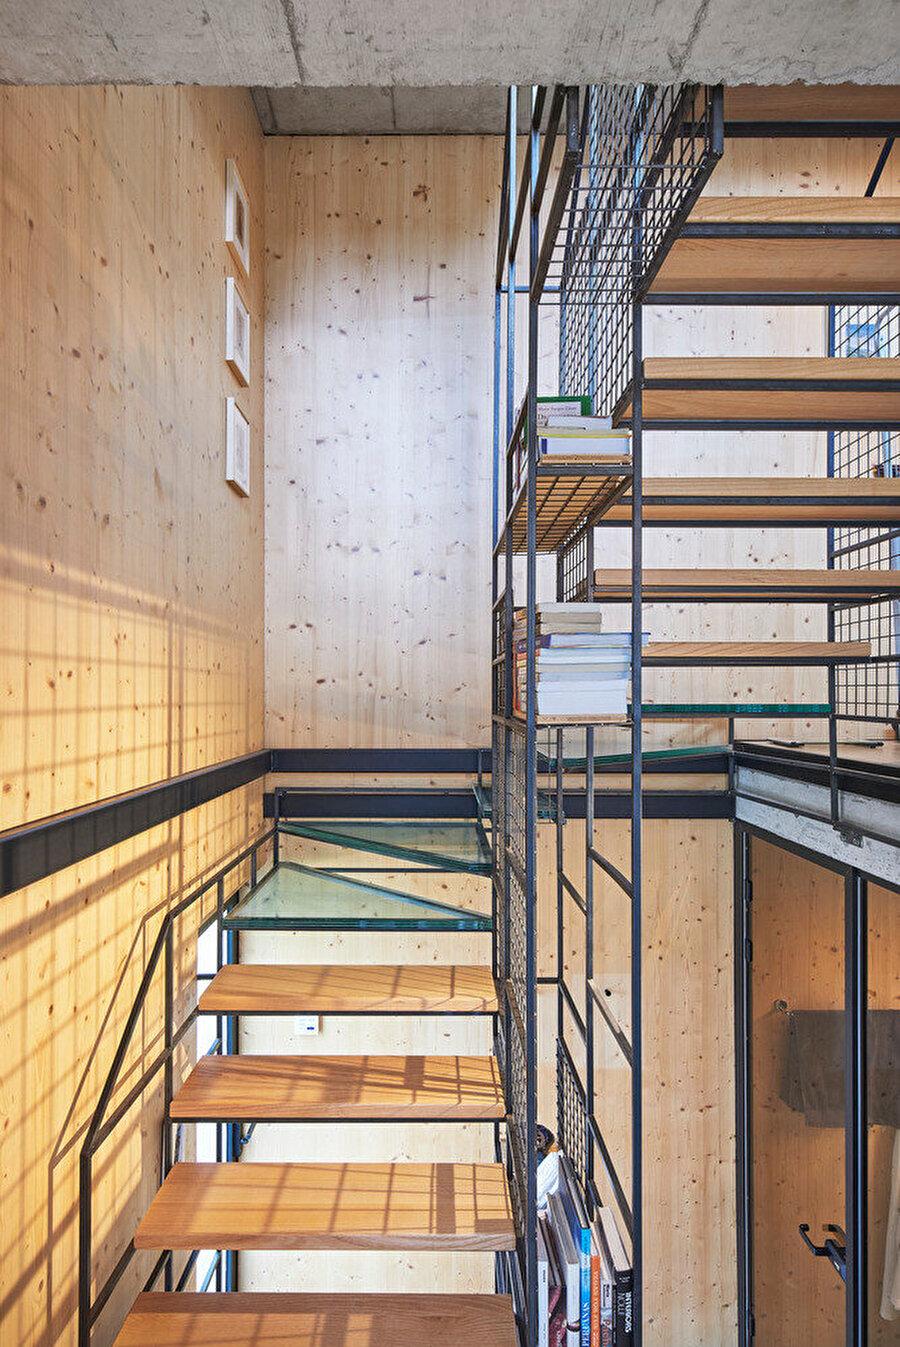 Fonksiyonel olarak kullanılan merdiven tasarımı.